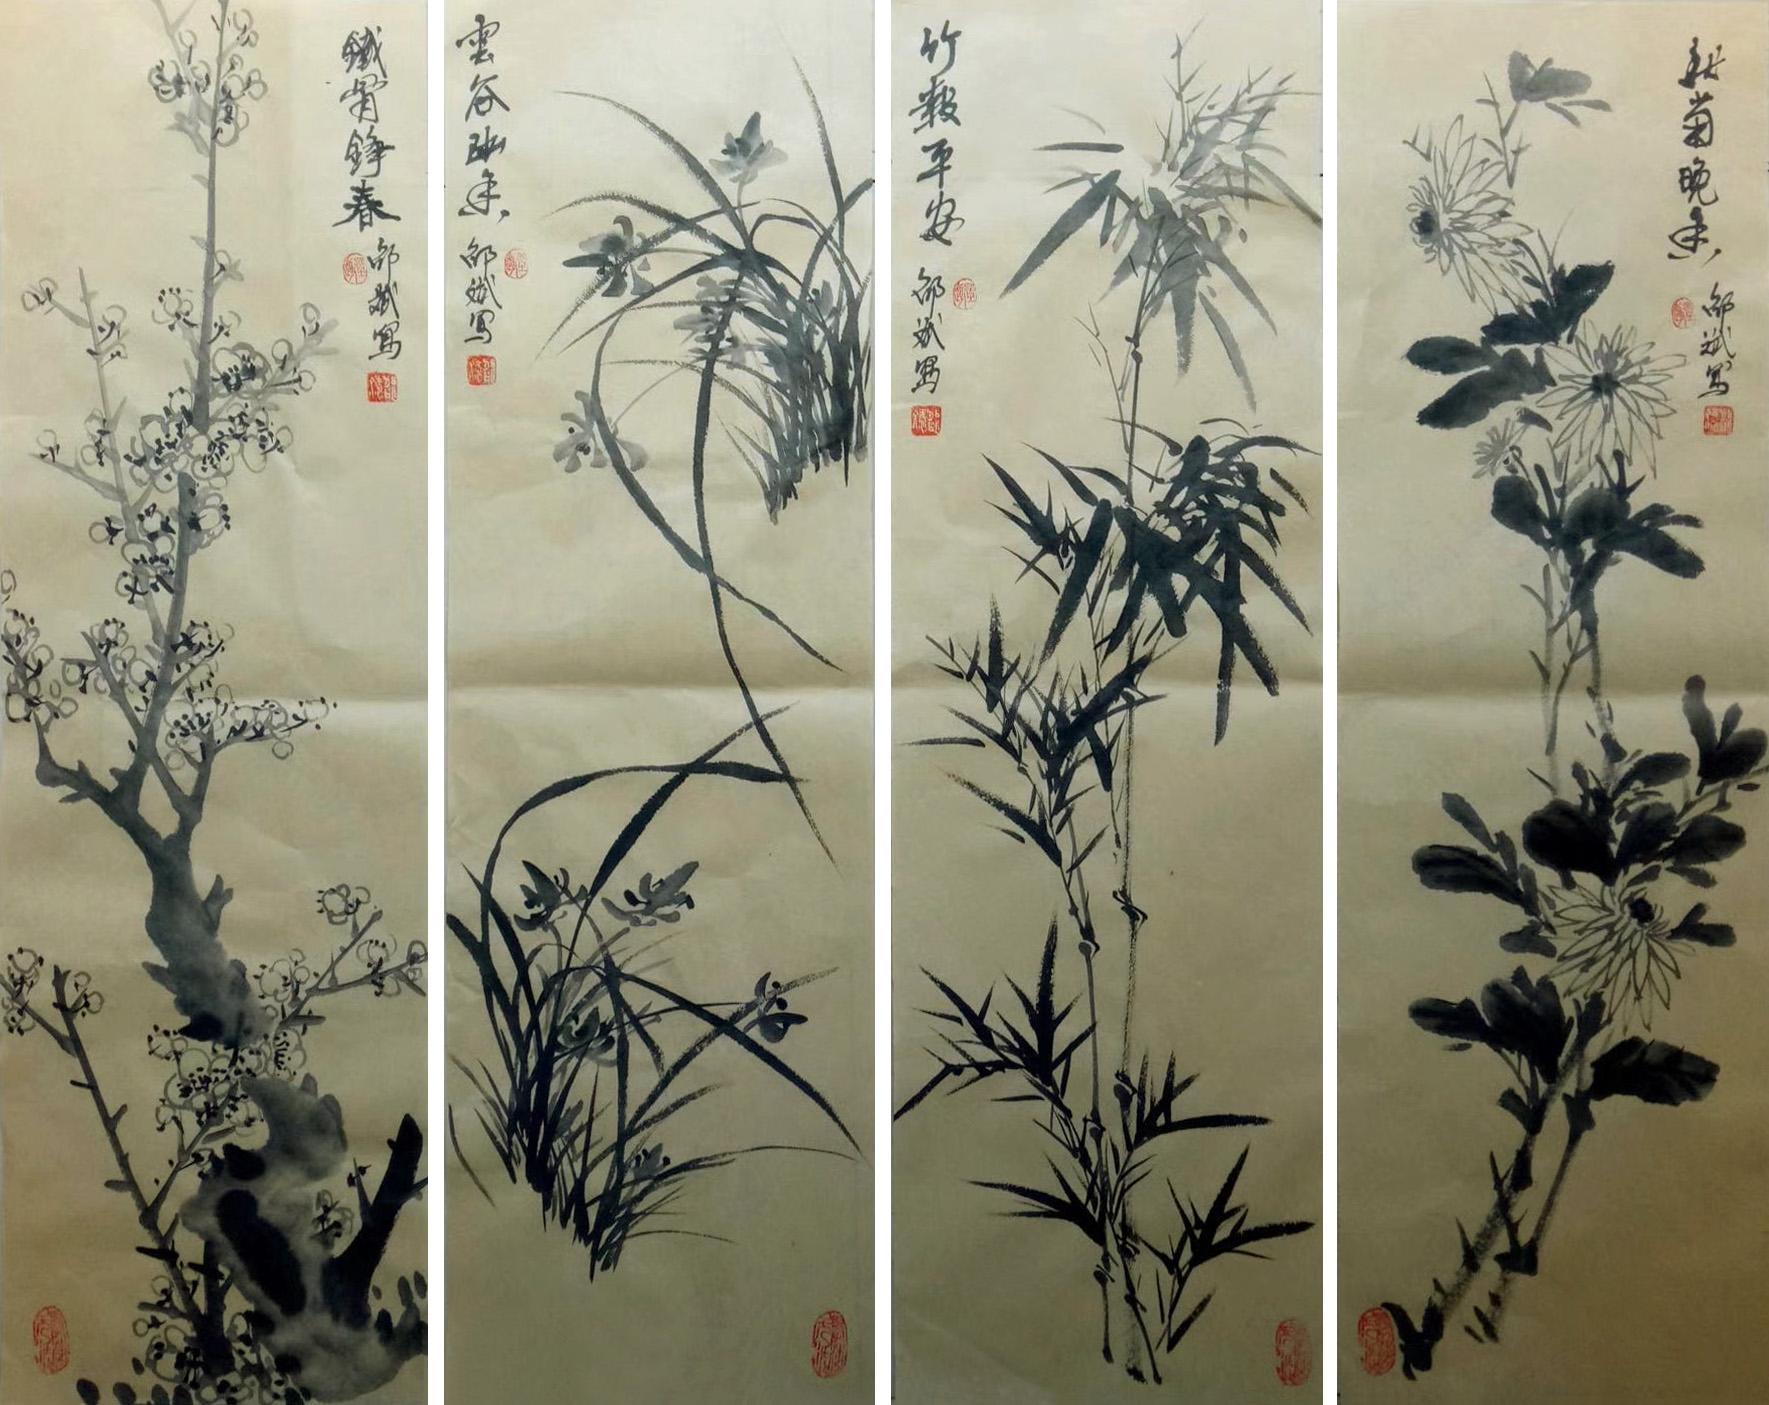 梅兰竹菊水墨画 四条屏 丁酉年秋月